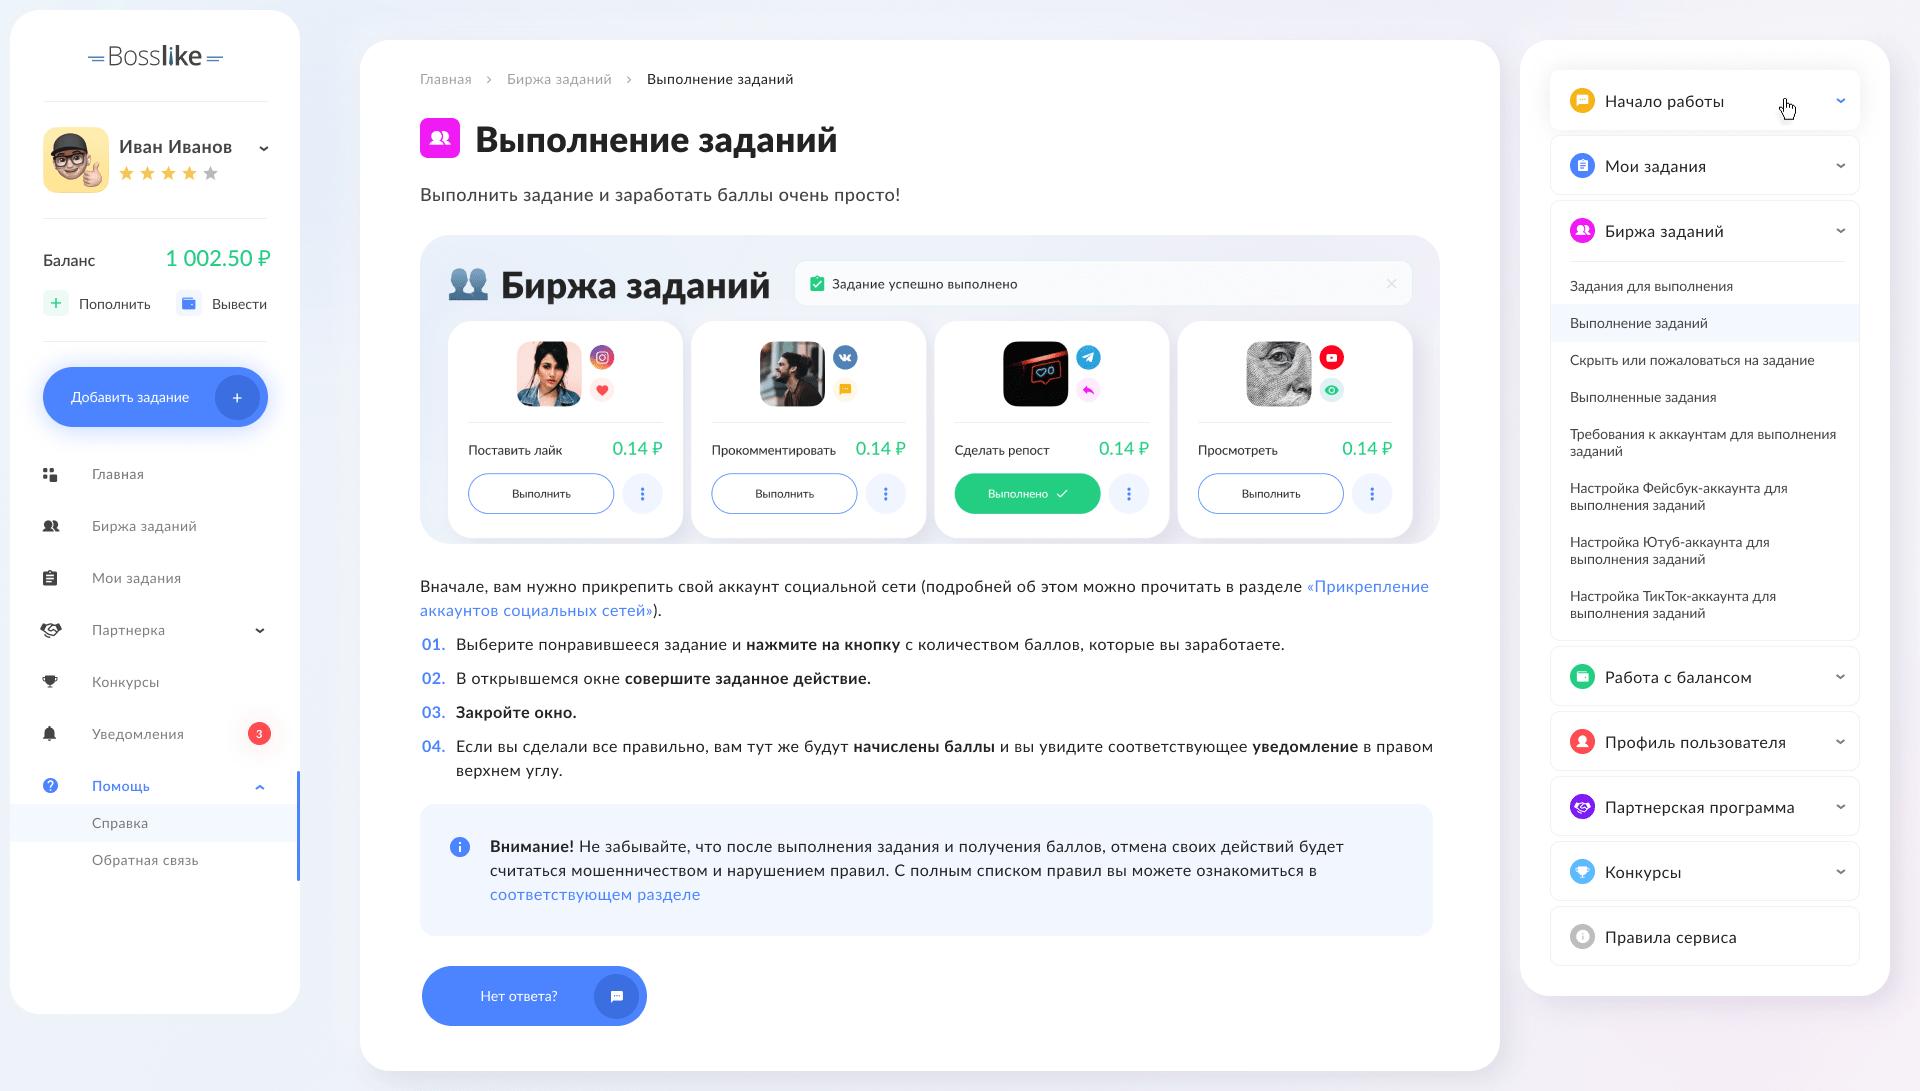 12_Help_Info_Article_BossLike_0.1